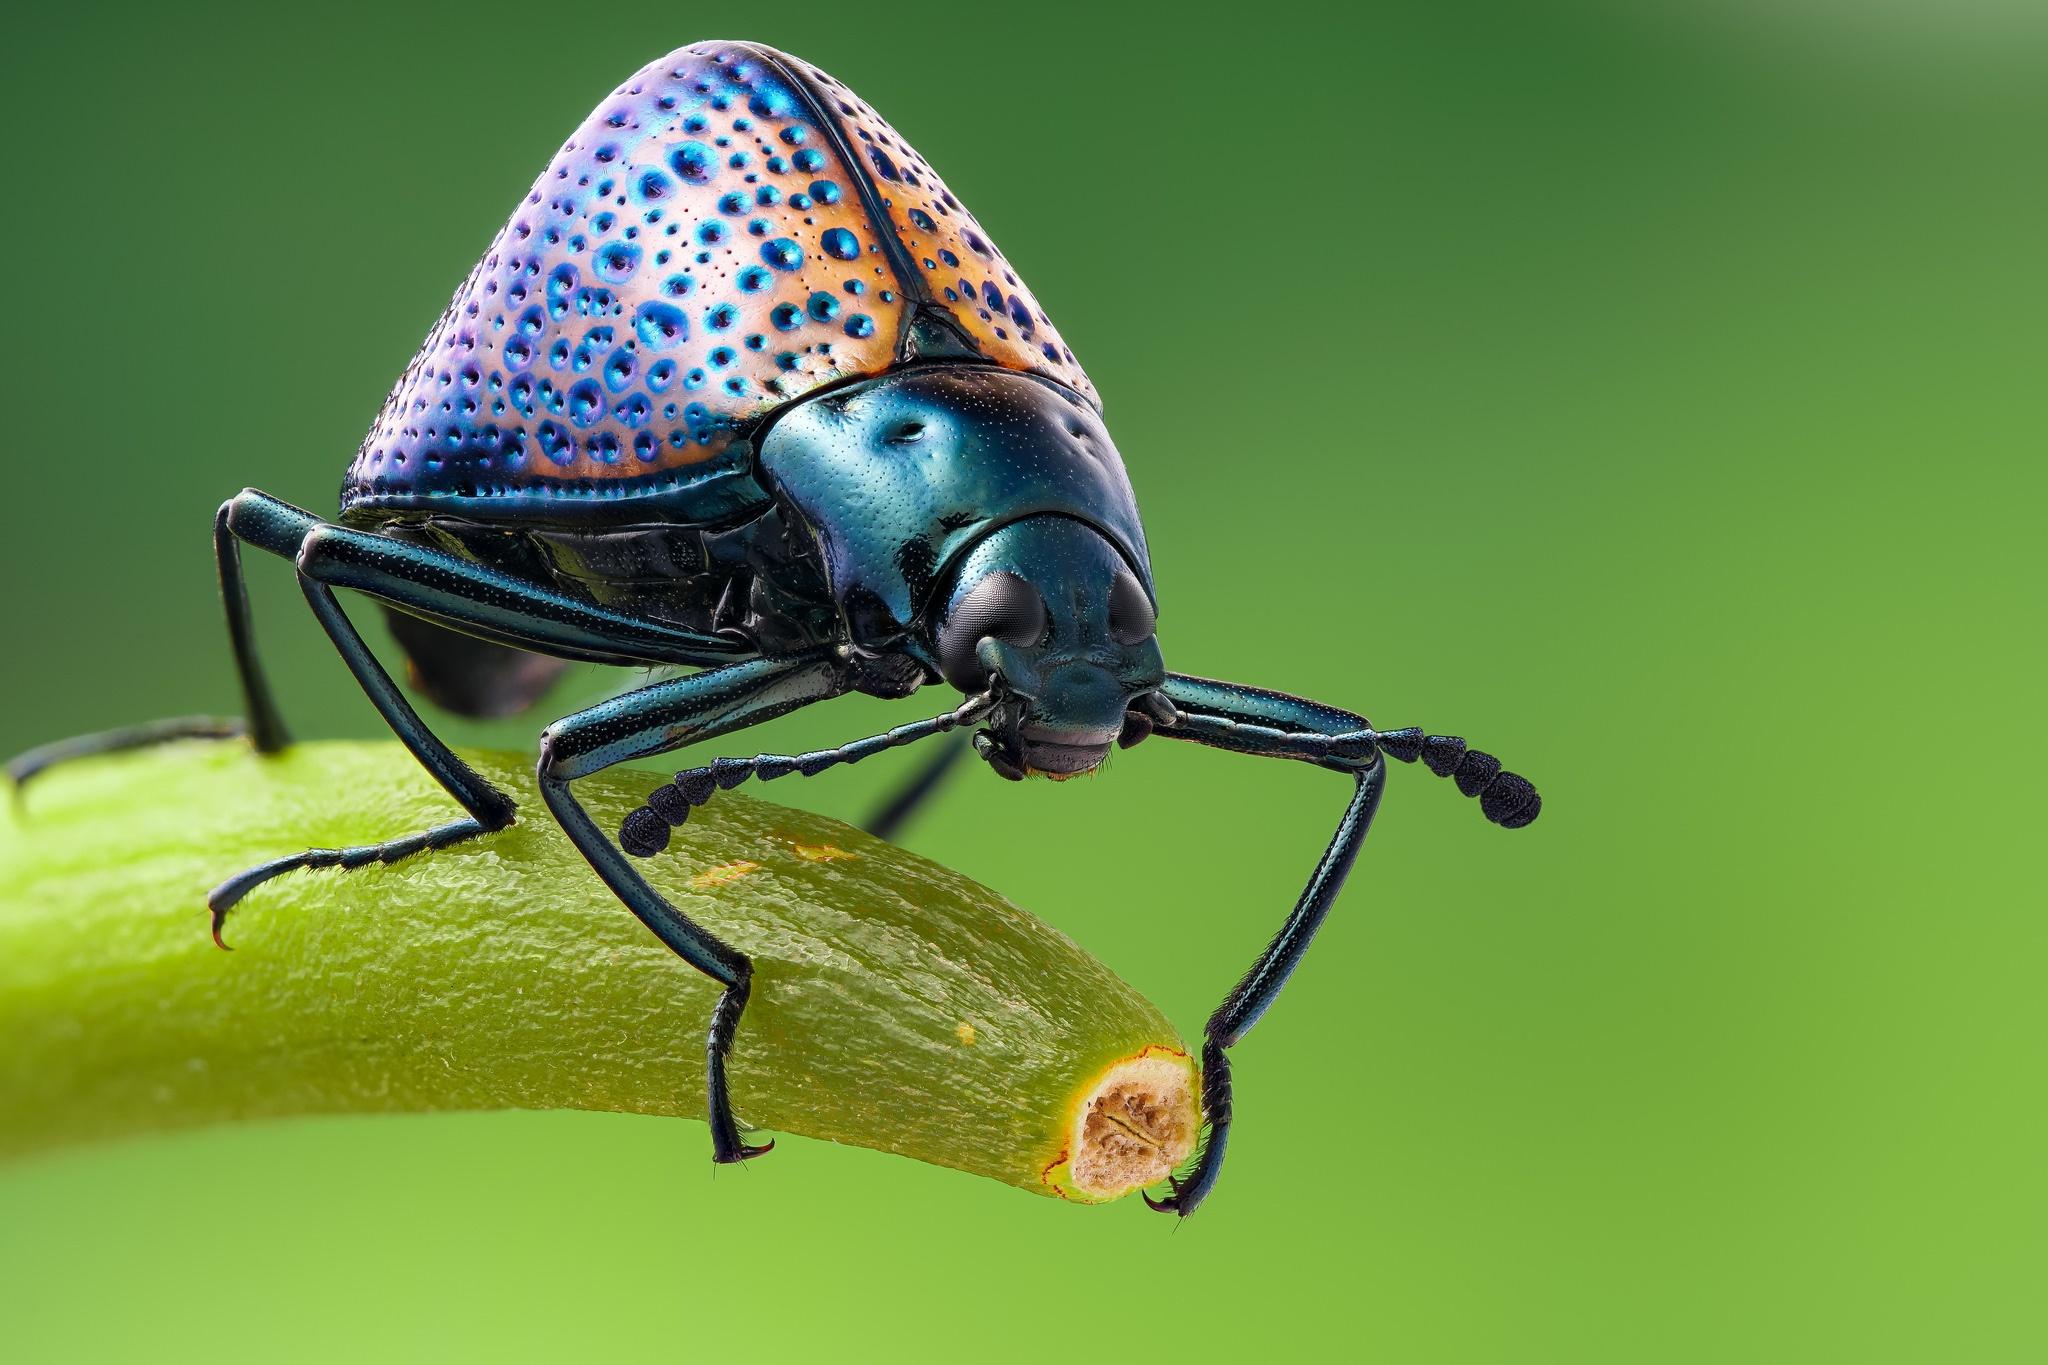 цветовая гамма картинки с красивыми жуками нашем